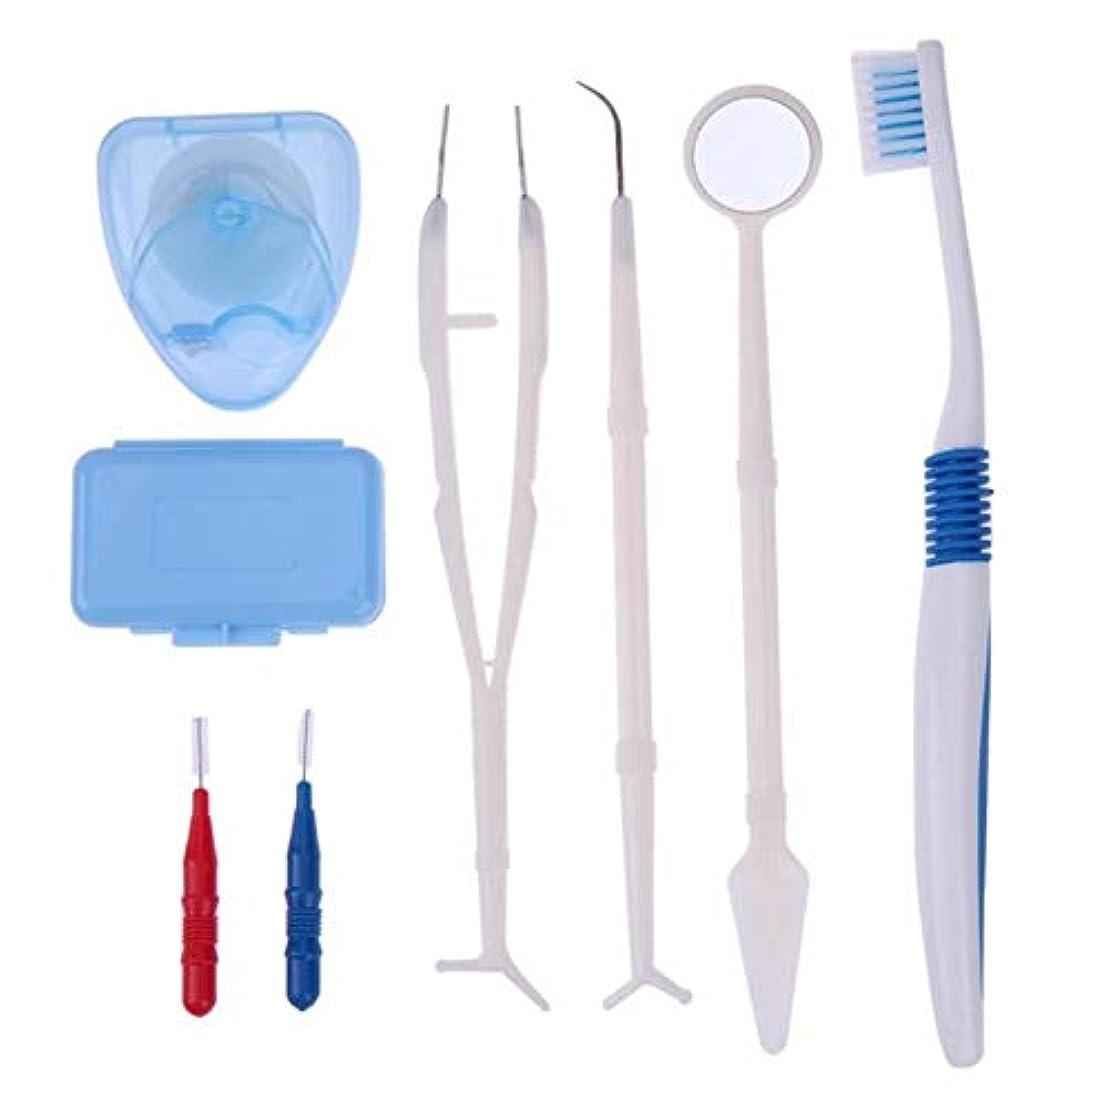 あたたかい見落とすヒューズZHQI-HEAL プロの歯のホワイトニングストリップホワイトニングキットの歯ブラシ歯間ブラシフロスオーラルケアキットオーラルクリーンツール072 (色 : 白)